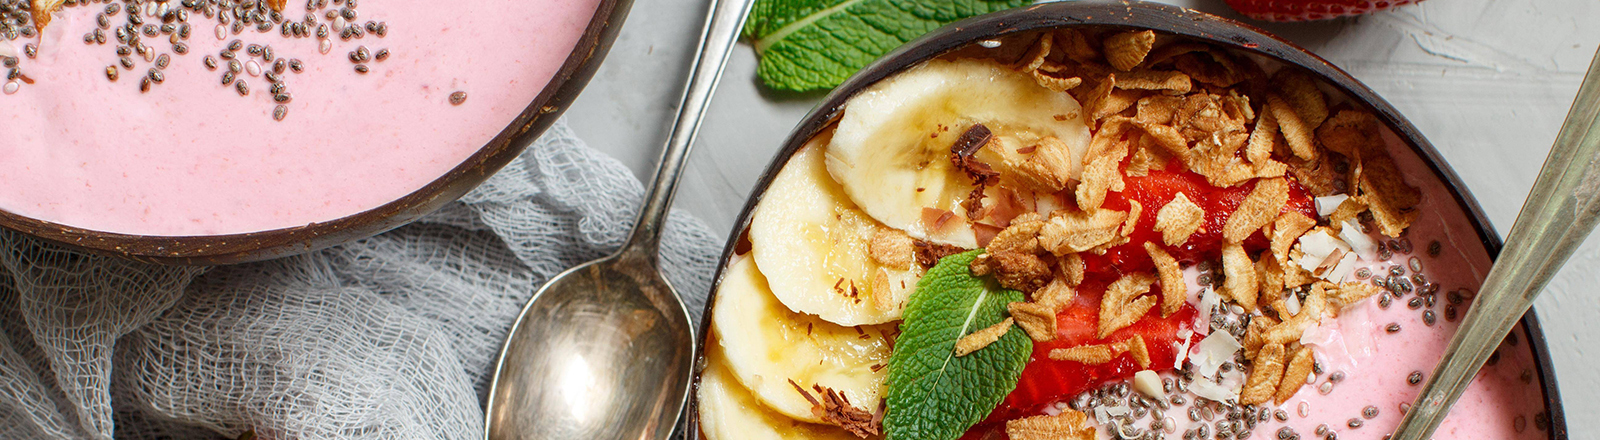 Zwei Schüsseln mit Yoghurt stehen nebeneinander, sie sind mit Früchten und Körnern dekoriert.